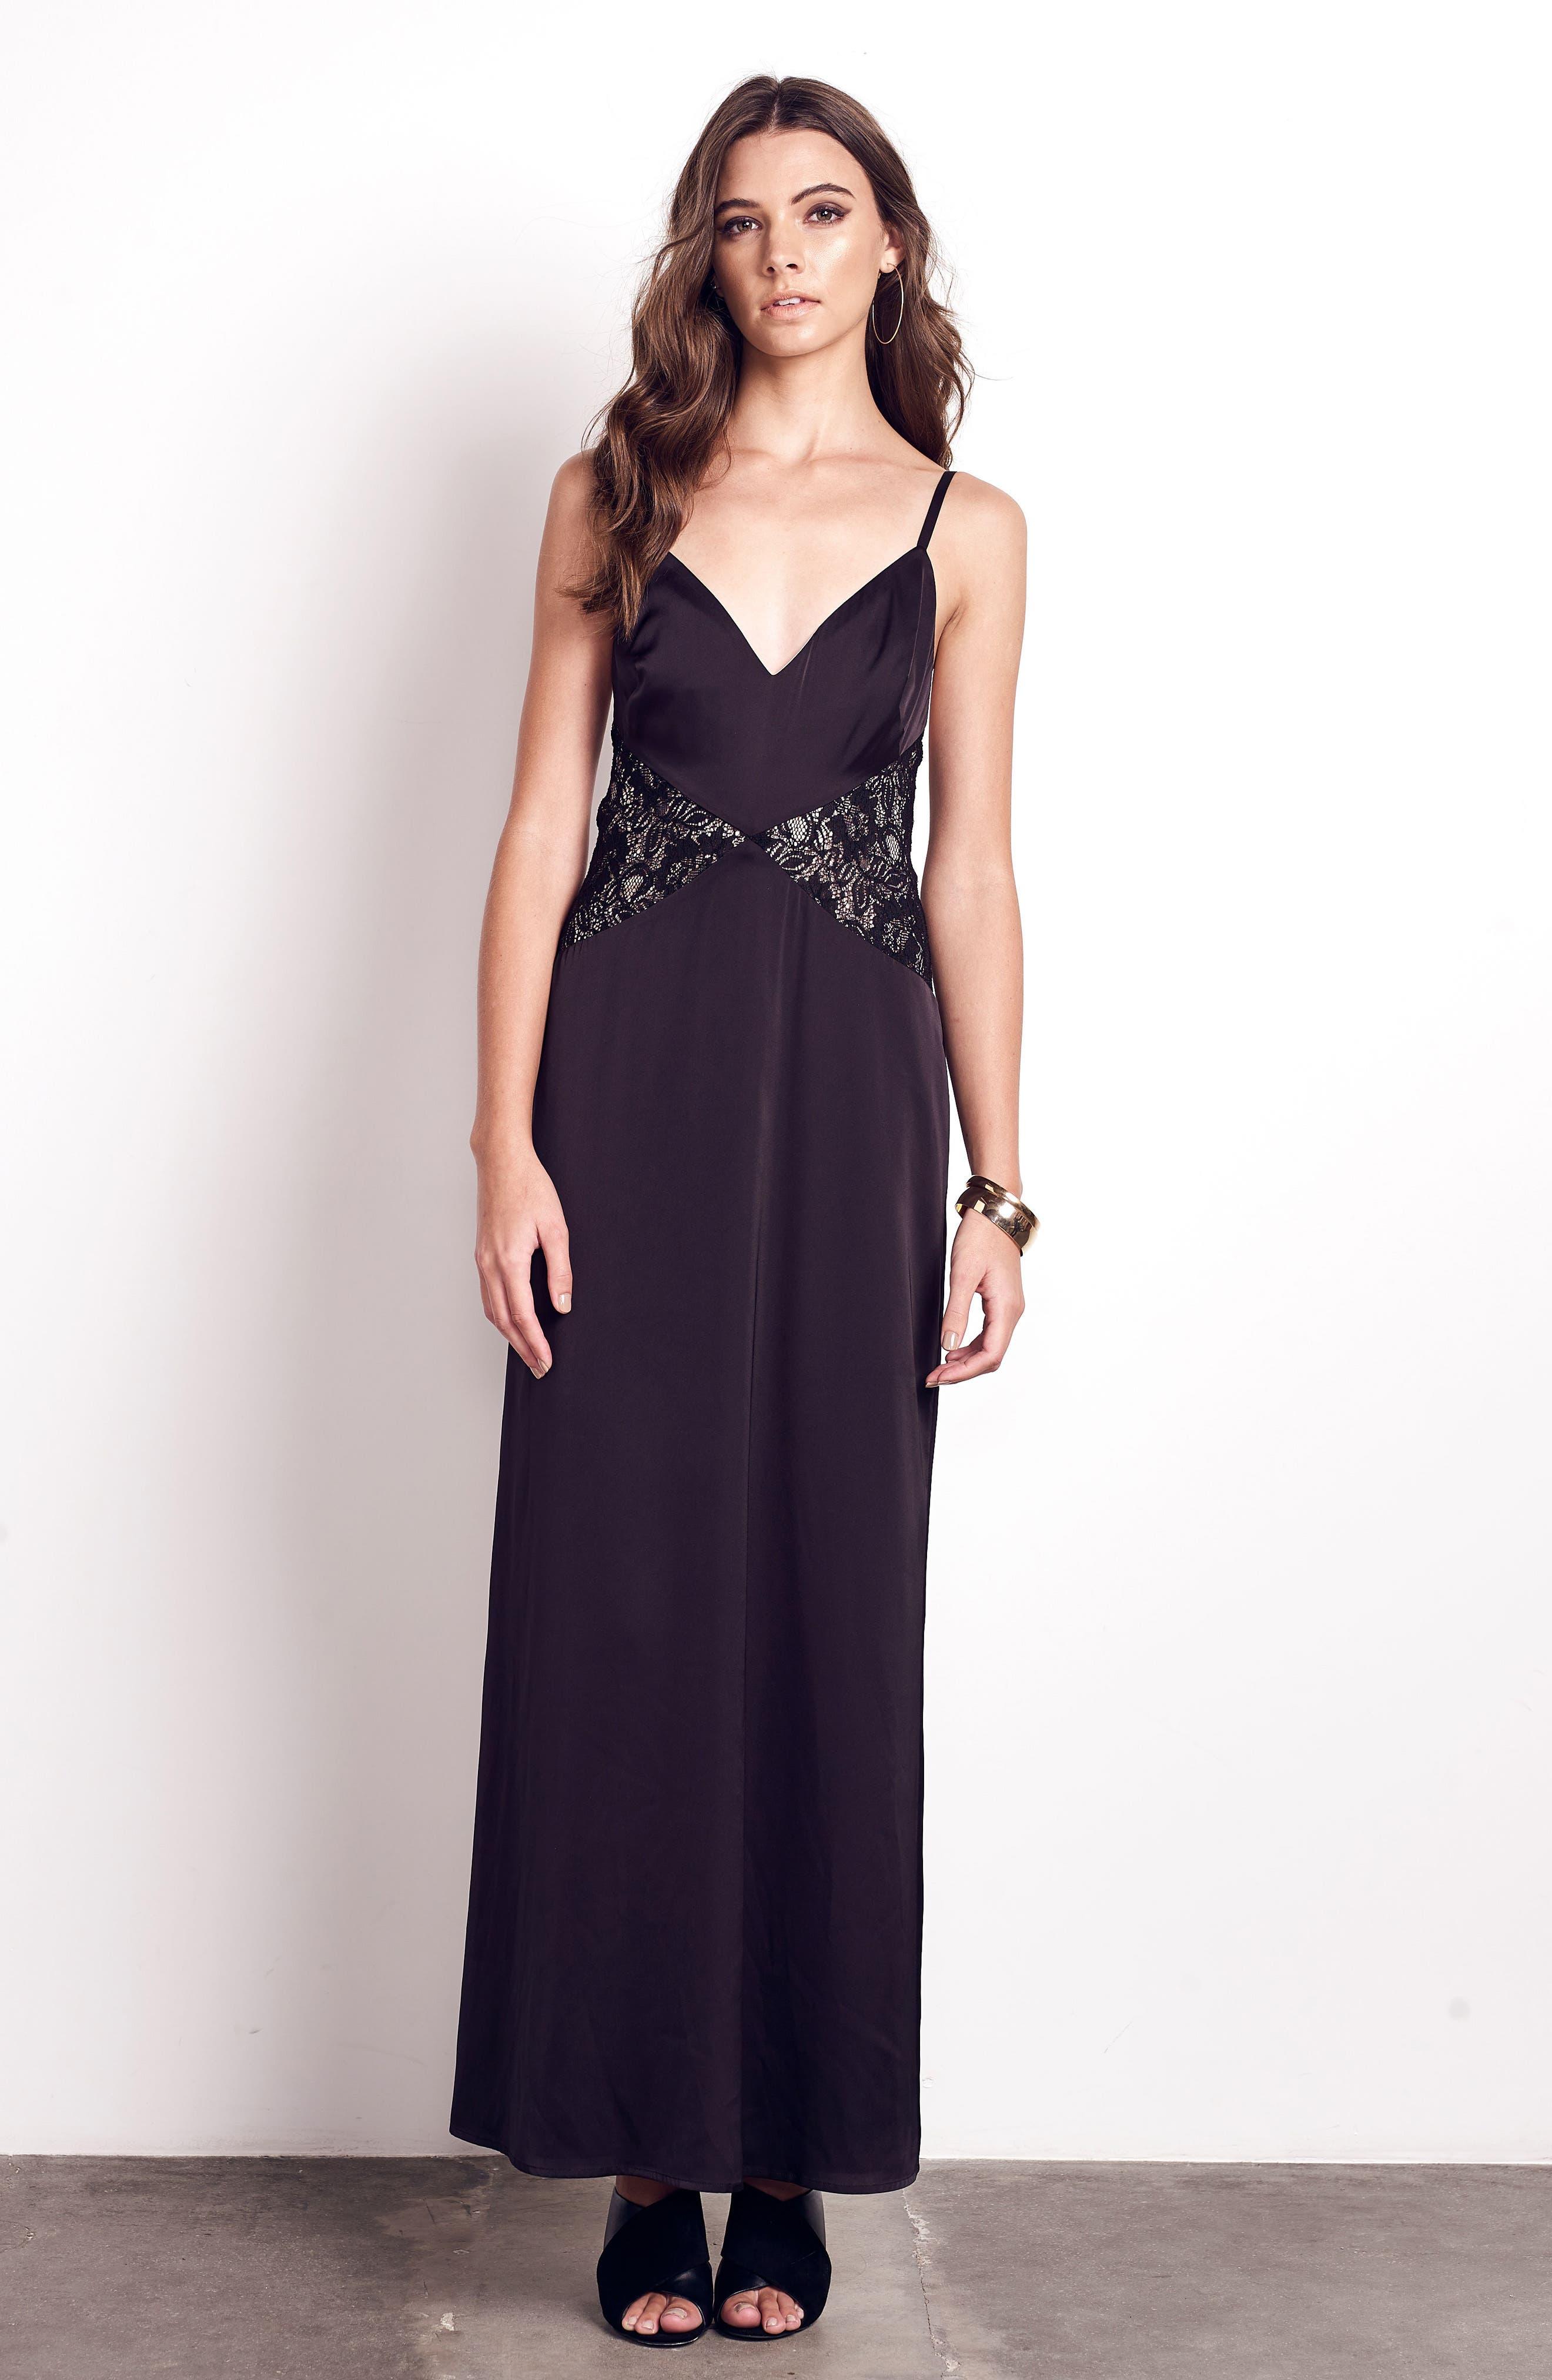 Femme Fatale Slip Dress,                             Alternate thumbnail 2, color,                             Black